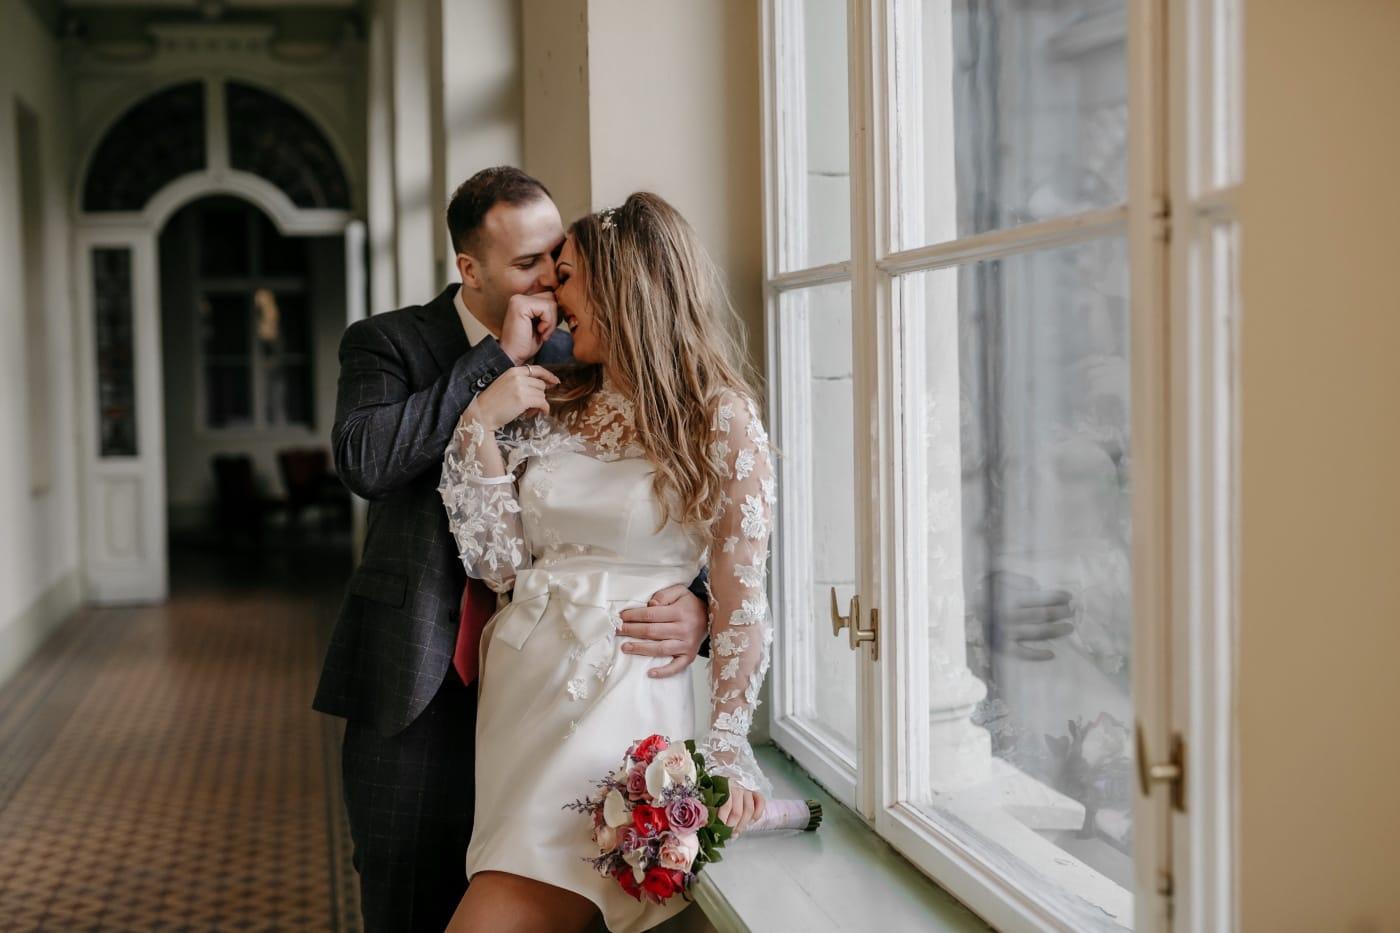 nygifte, innsiden, hjem, gangen, bryllup, bruden, par, brudgommen, kjærlighet, kvinne